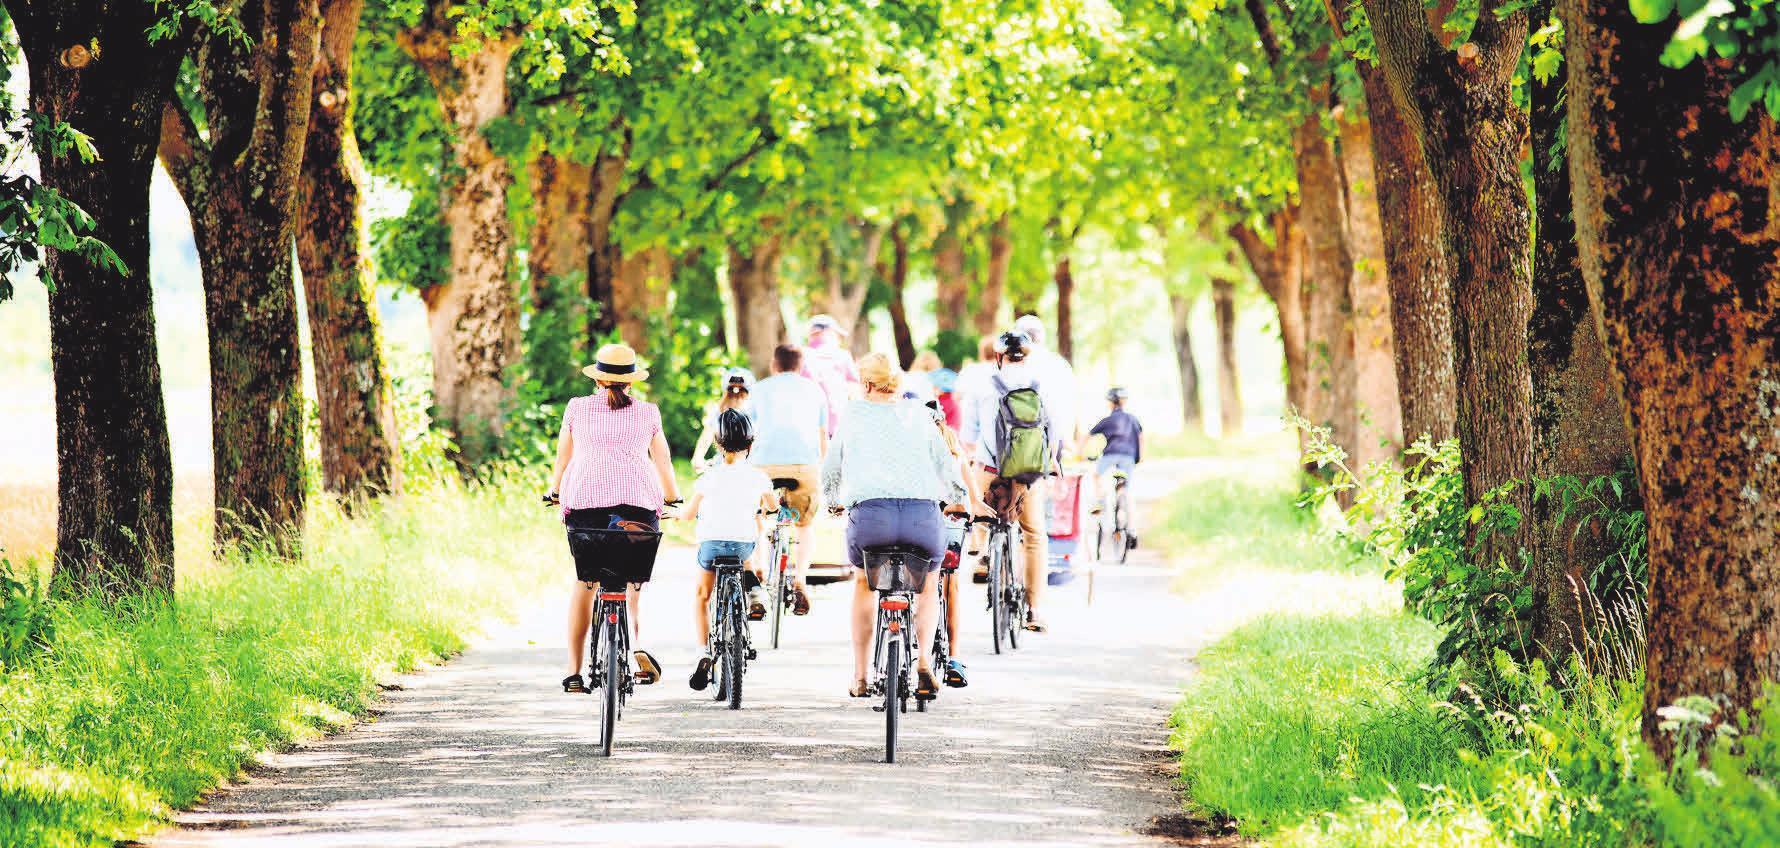 Radfahren in der Stecknitz-Region – ein entspanntes Vergnügen für die ganze Familie. Foto: Wellnhofer Designs - stock.adobe.com